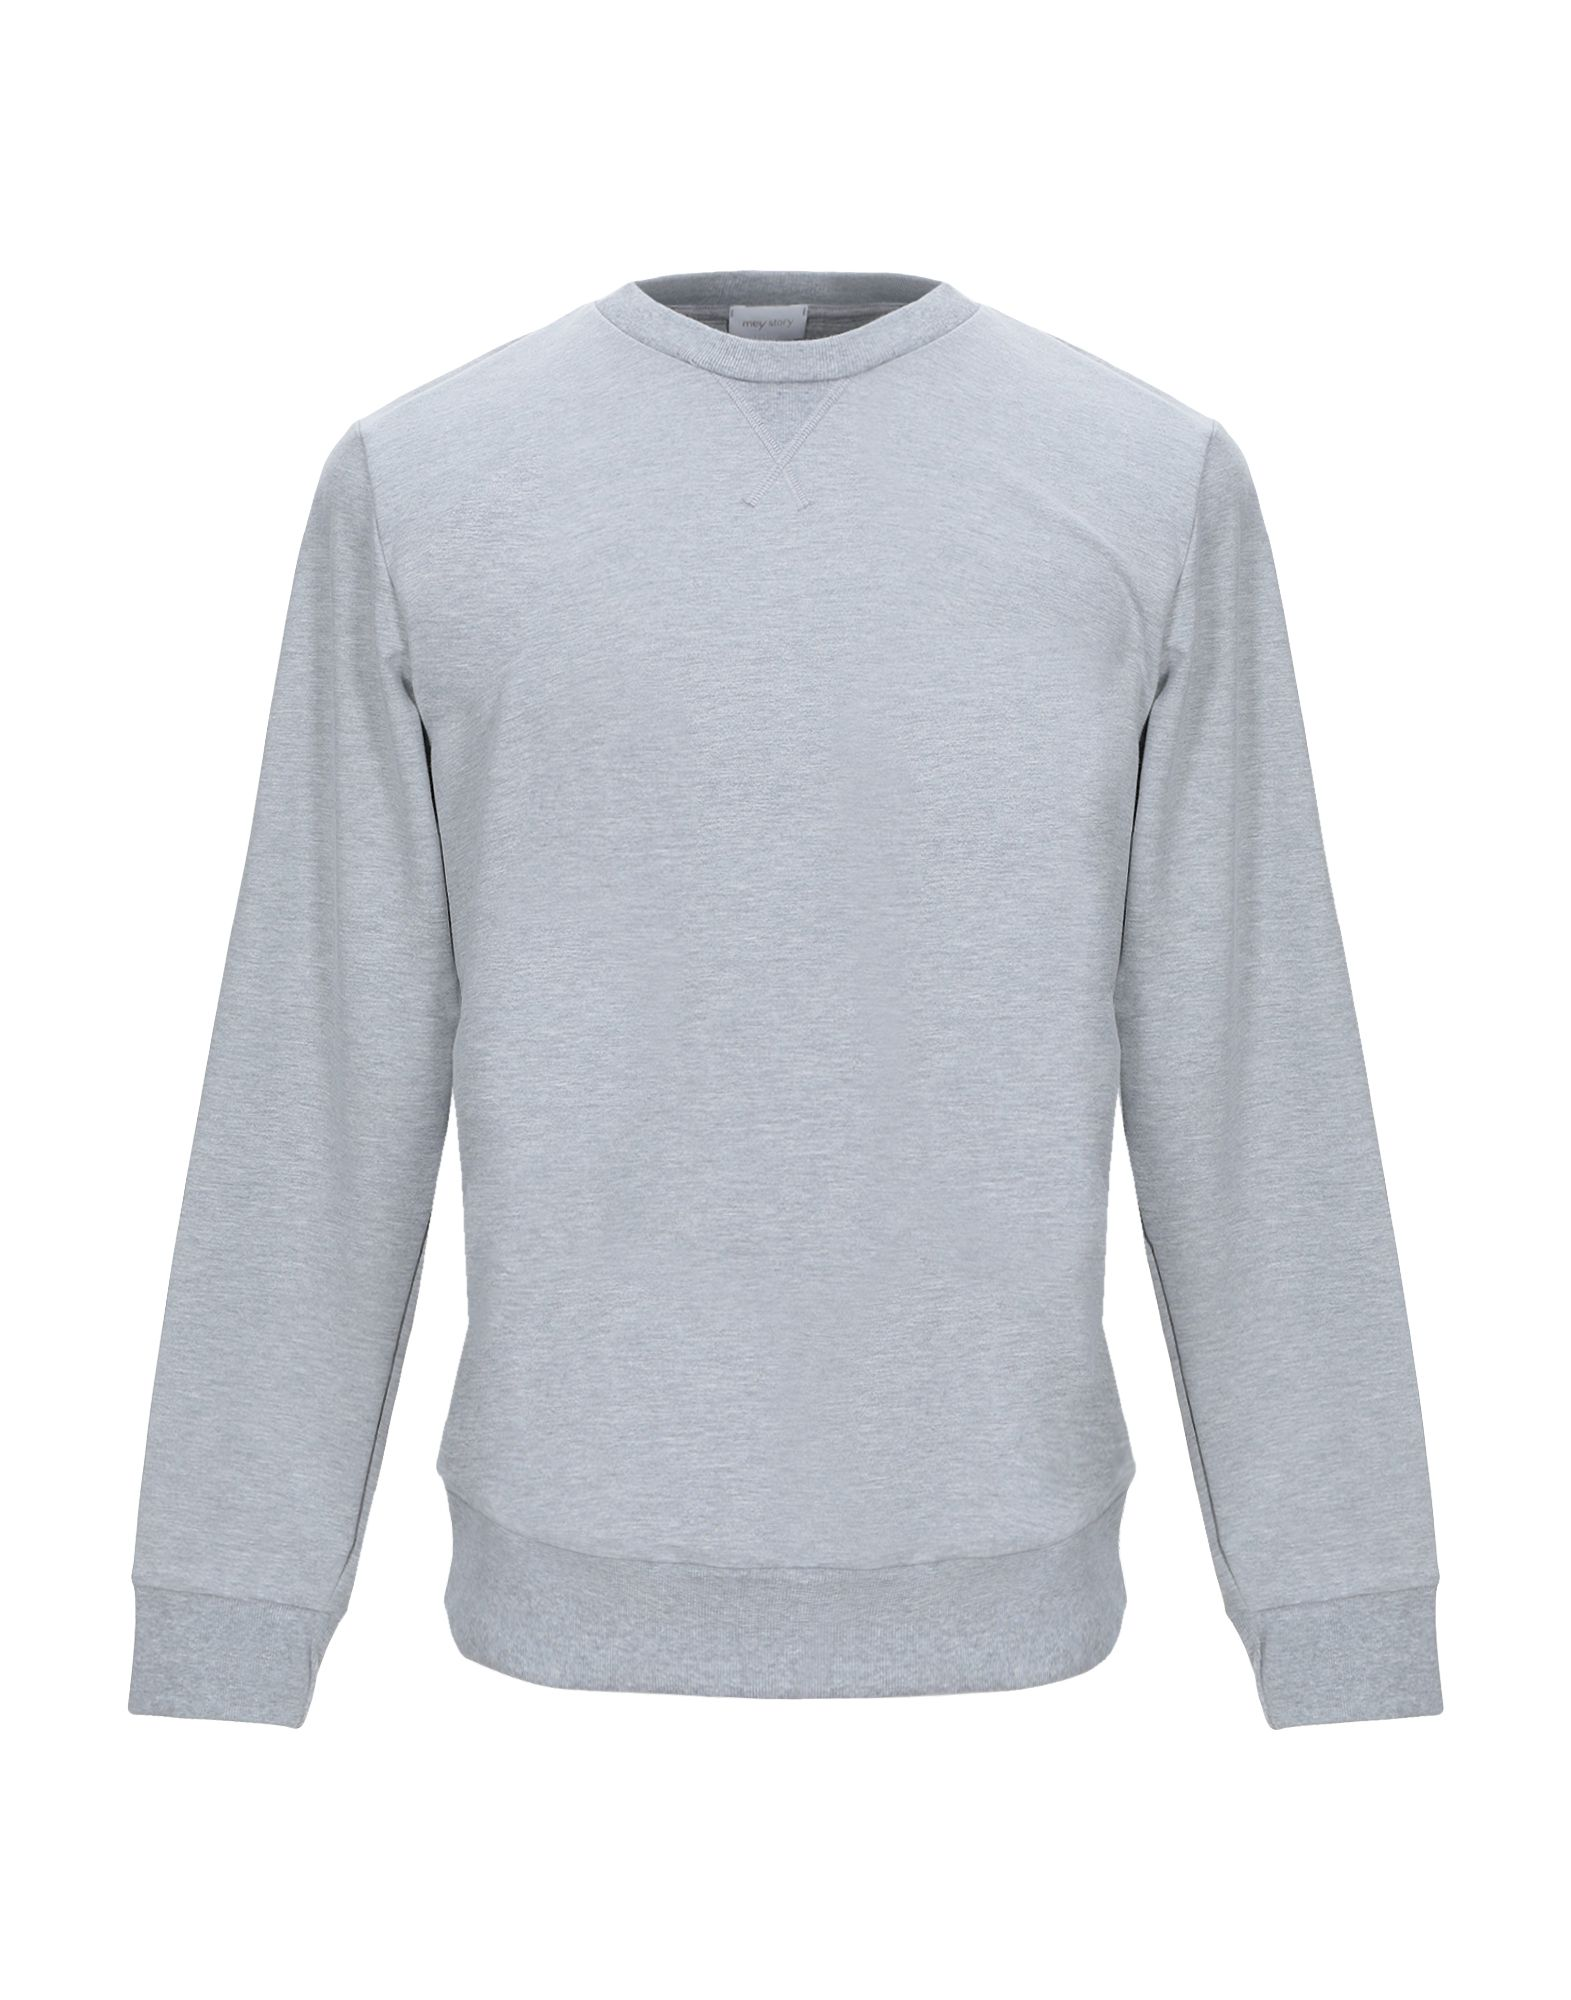 《セール開催中》MEY STORY メンズ スウェットシャツ ライトグレー L コットン 48% / テンセル 48% / ポリウレタン 4%